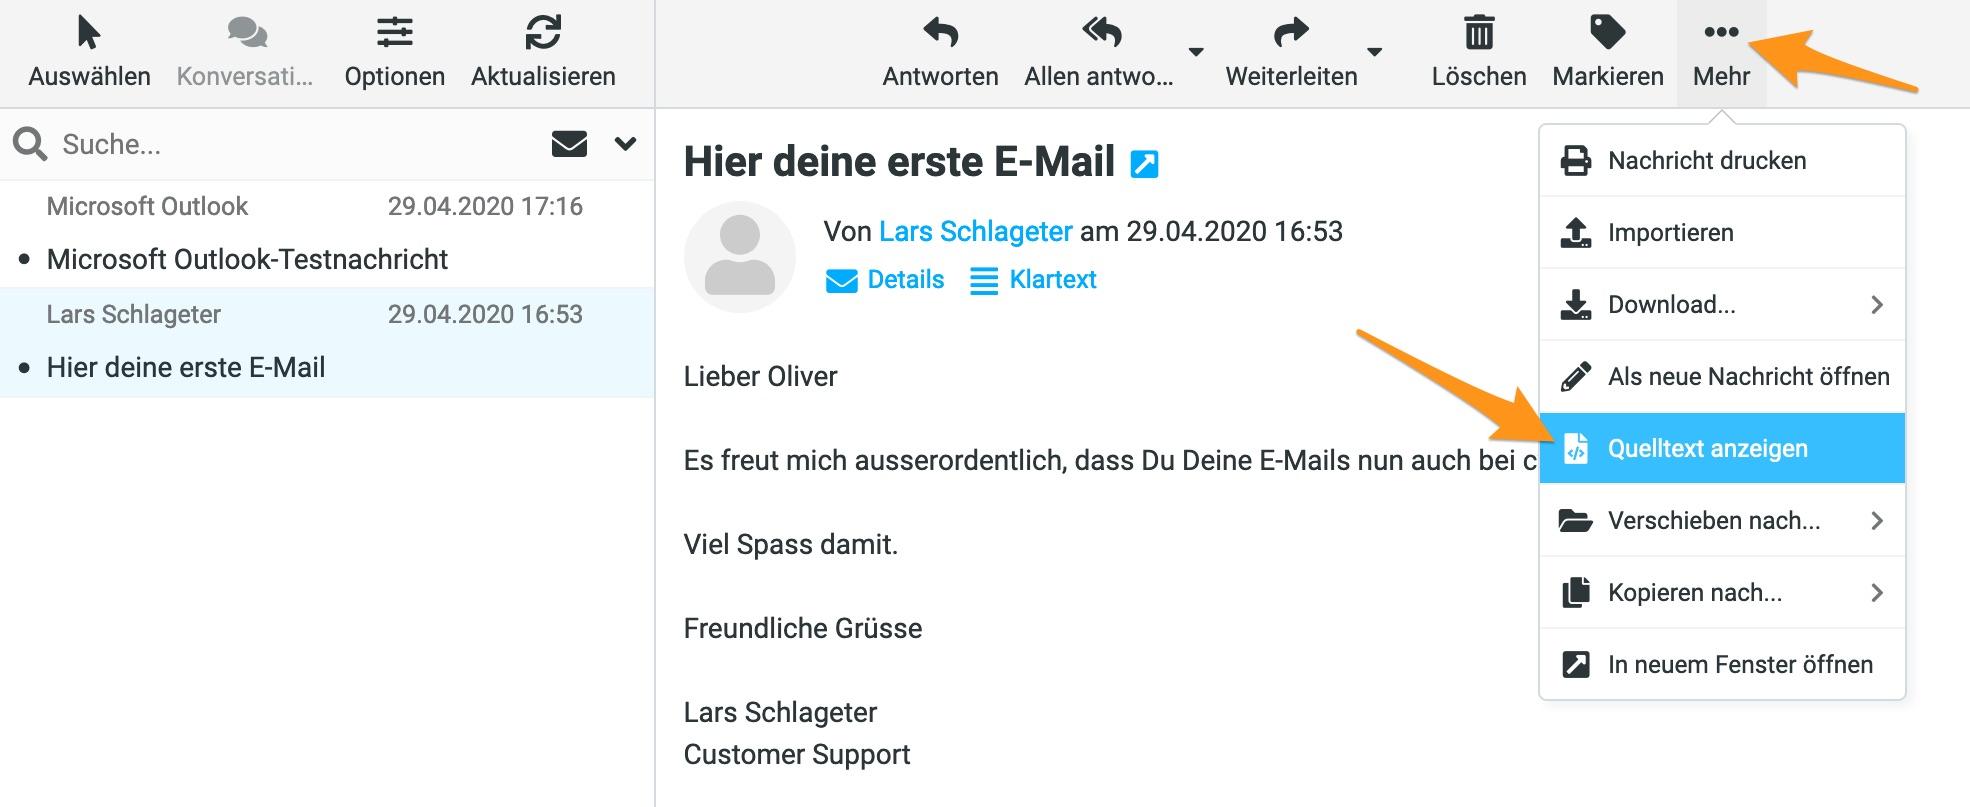 Header-Informationen anzeigen im Webmail